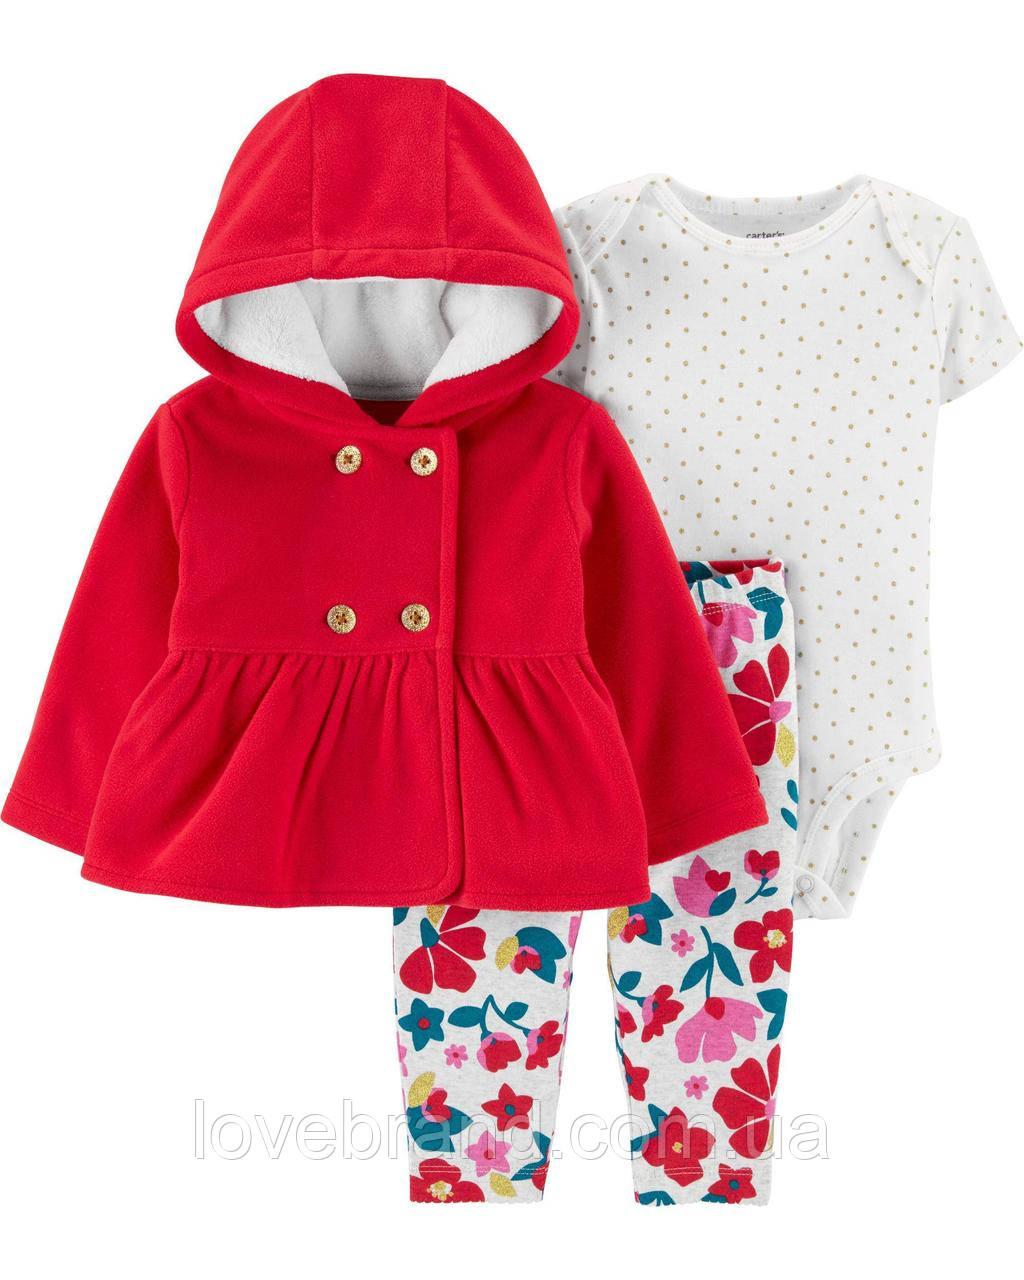 Детский костюм Carter's для девочки (красная флисовая кофта, боди, лосинки) комплект тройка картерс